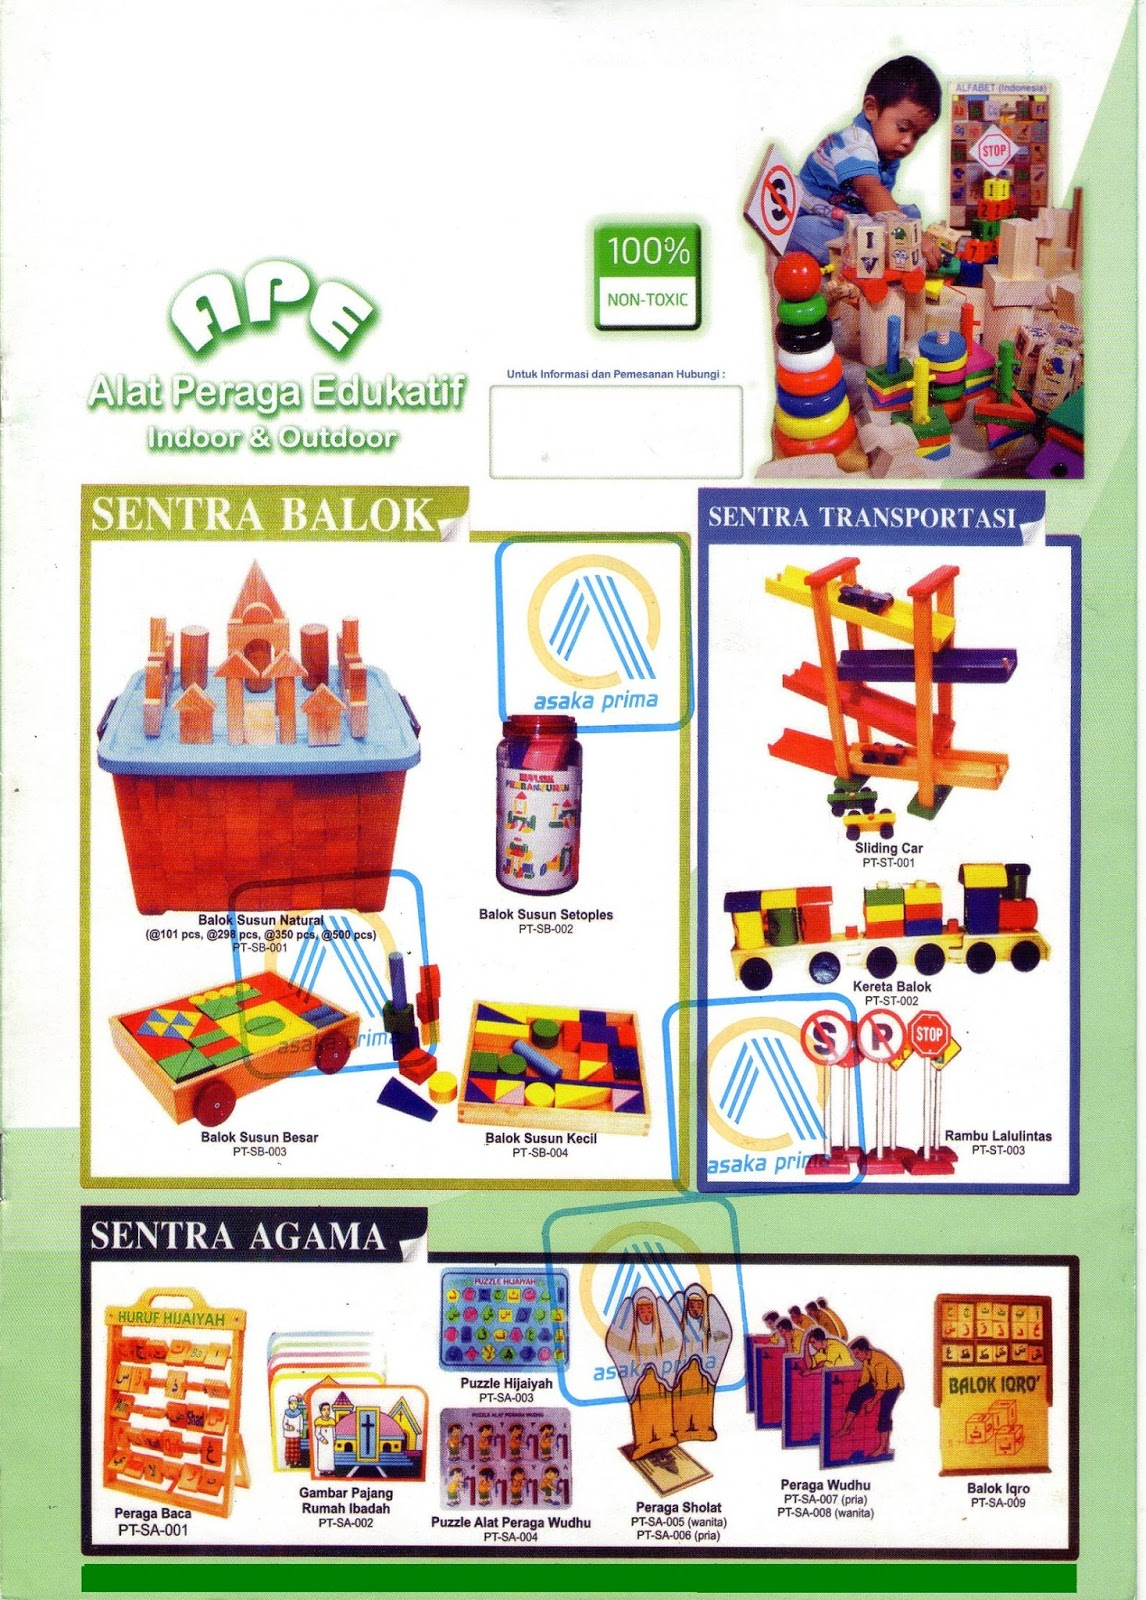 ape paud,mainan edukatif,alat peraga edukatif, alat permainan edukatif, sentra balok,balok natural,produksi ape paud,